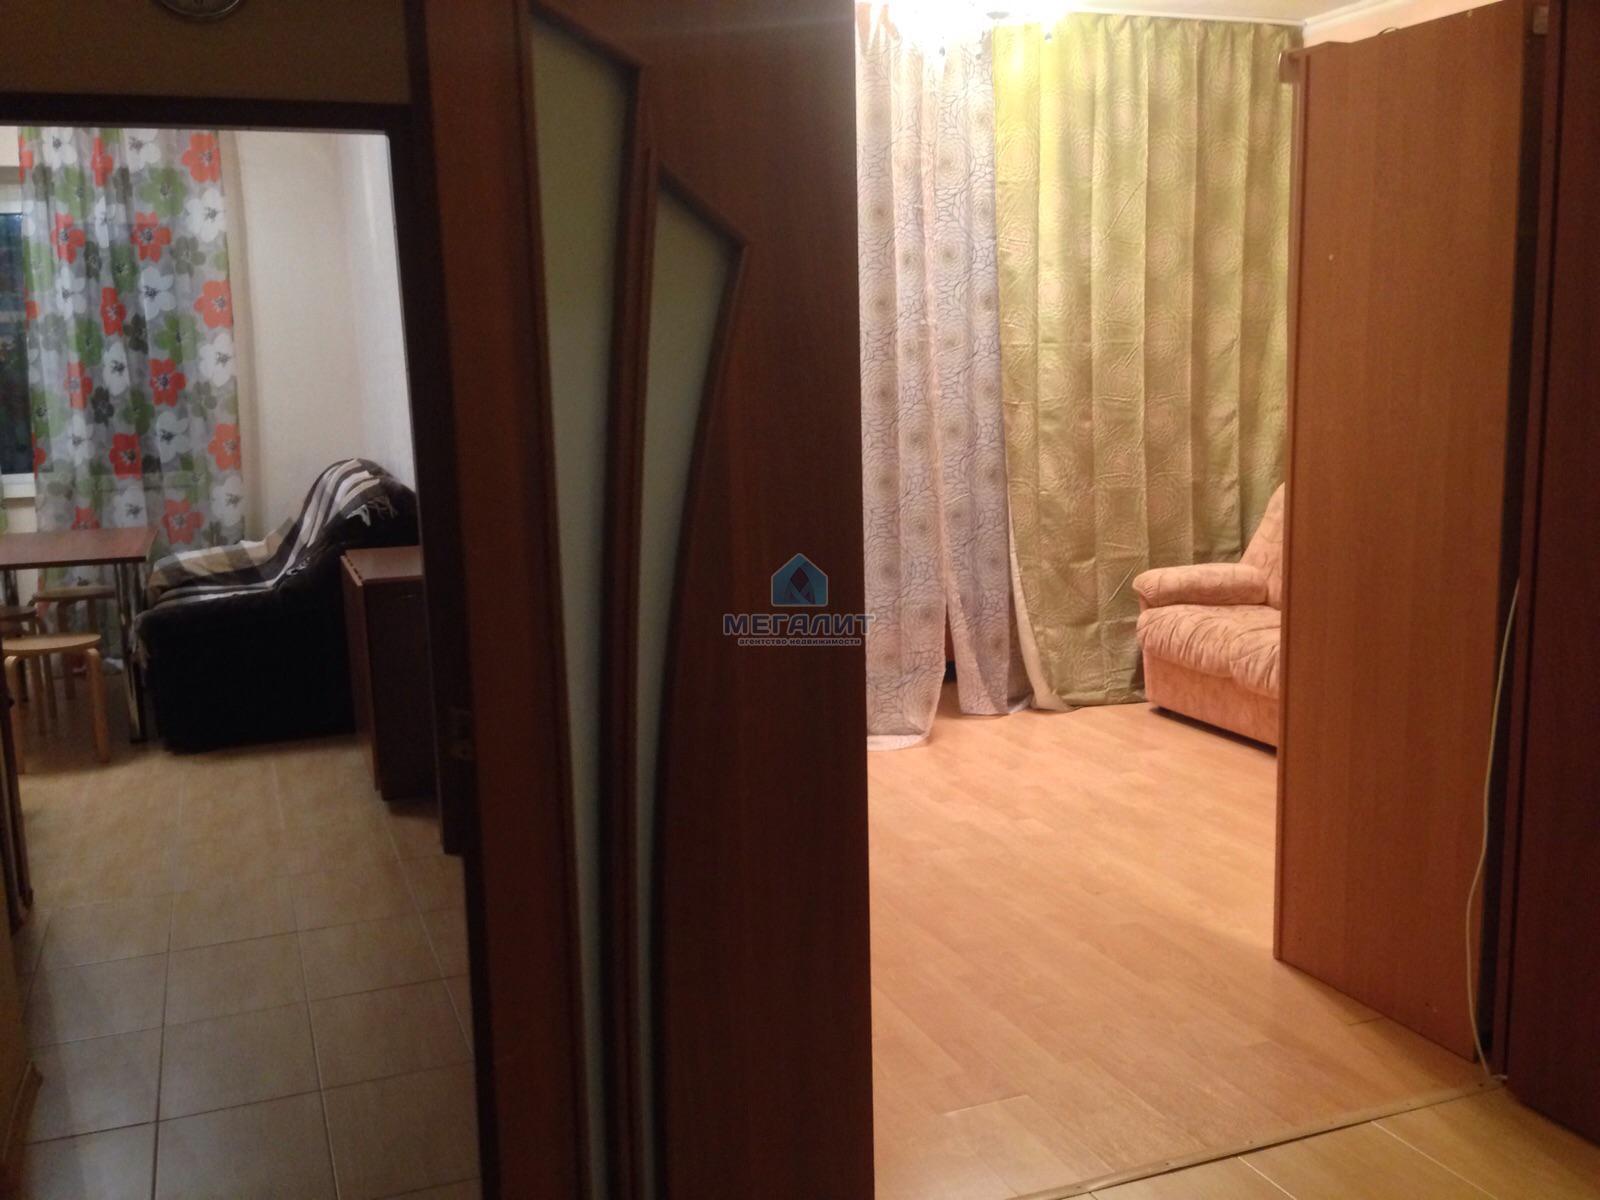 Аренда 1-к квартиры Мидхата Булатова 5, 50.0 м² (миниатюра №5)